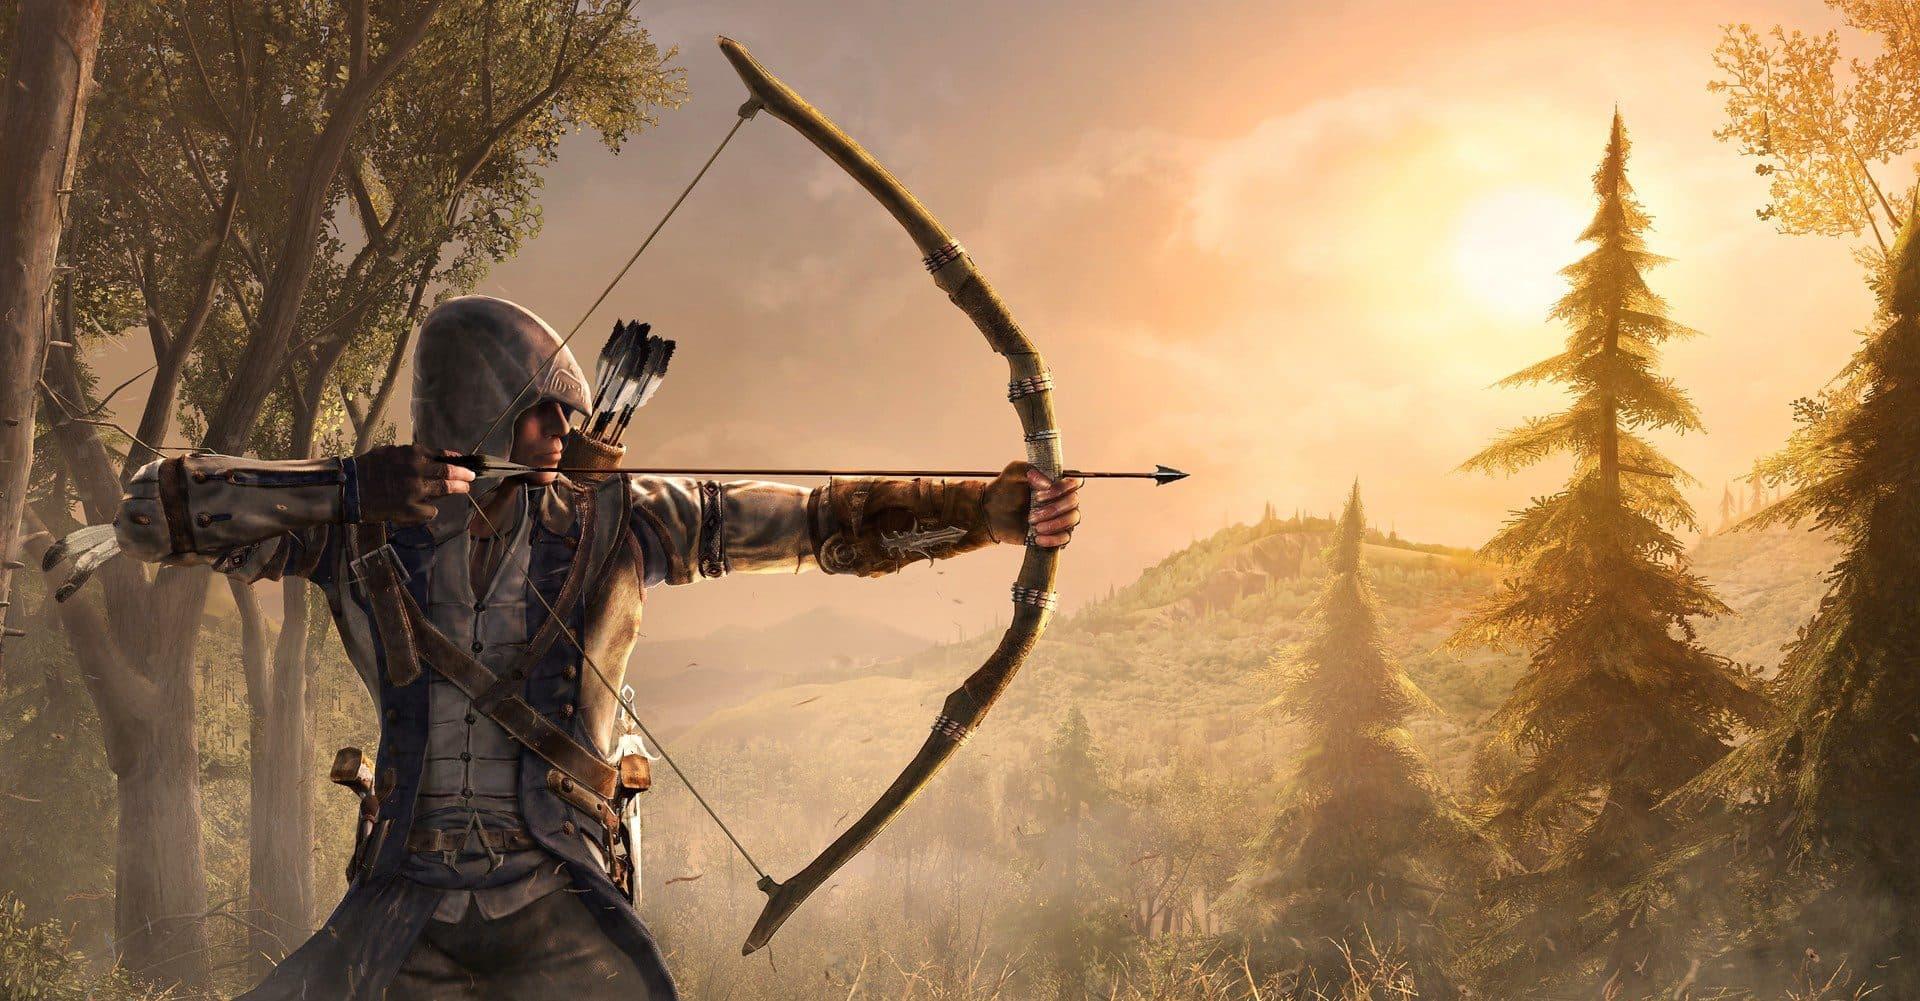 Assassin's Creed III Xbox